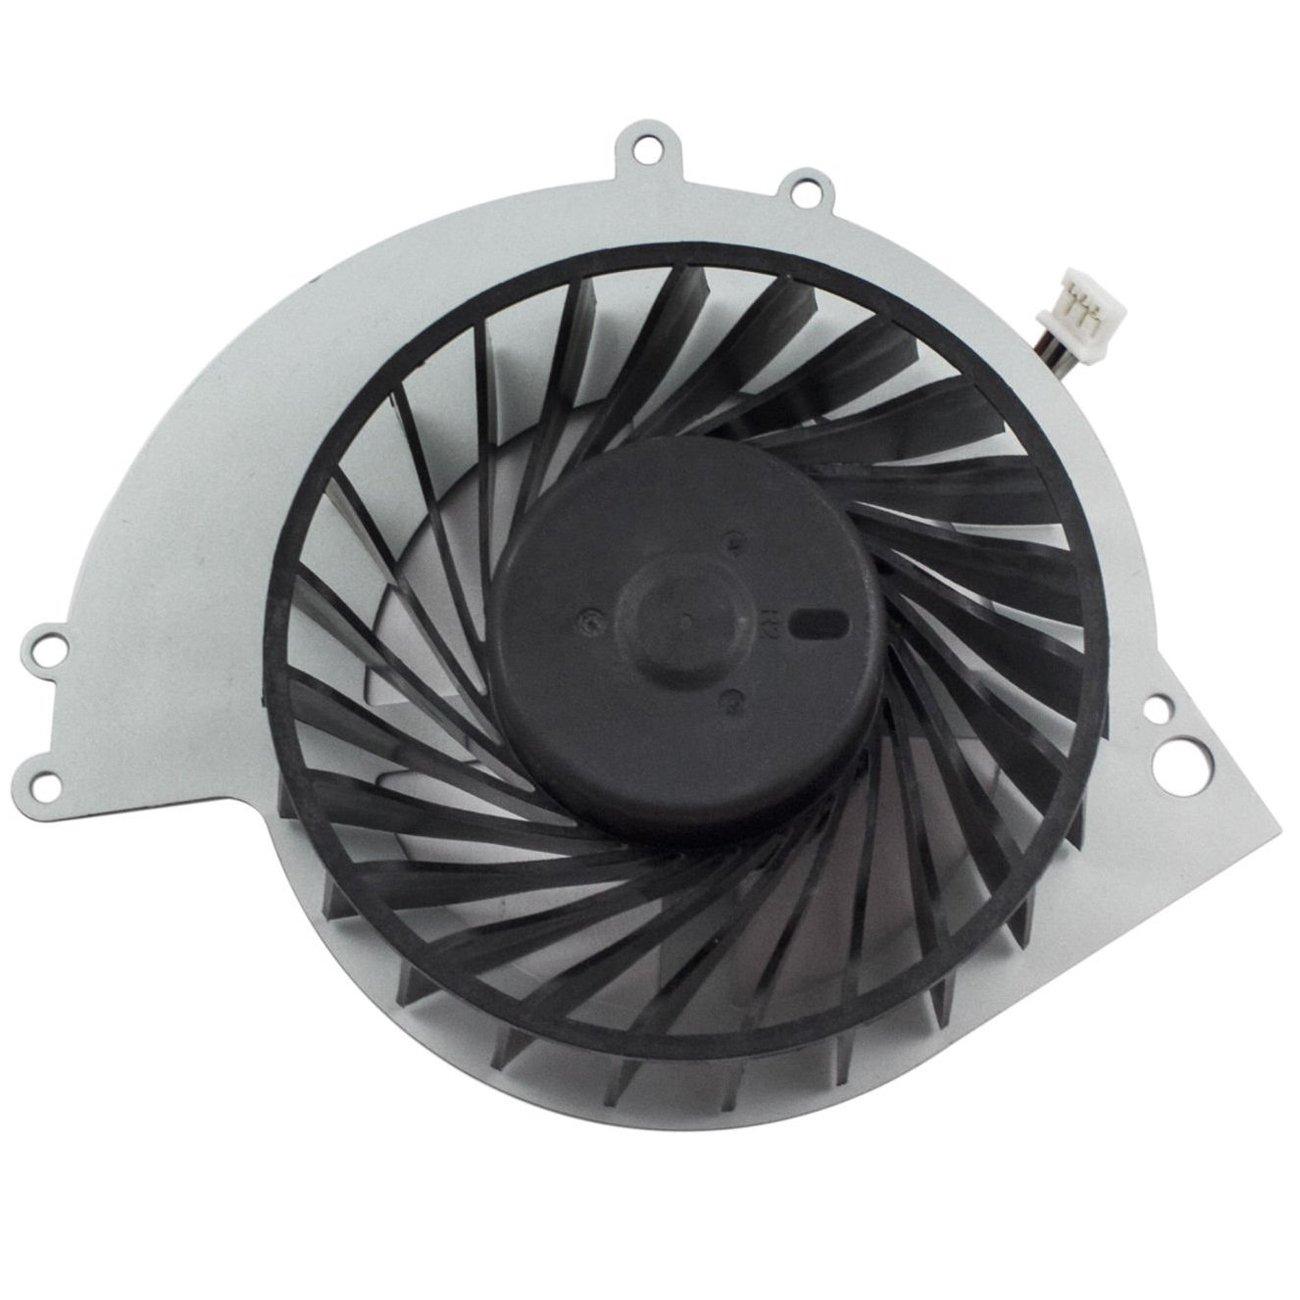 J&L Electronics Internal 3 Pin CPU Cooling Fan 12V 1.40A for PS4 CUH-1215A CUH-1215B